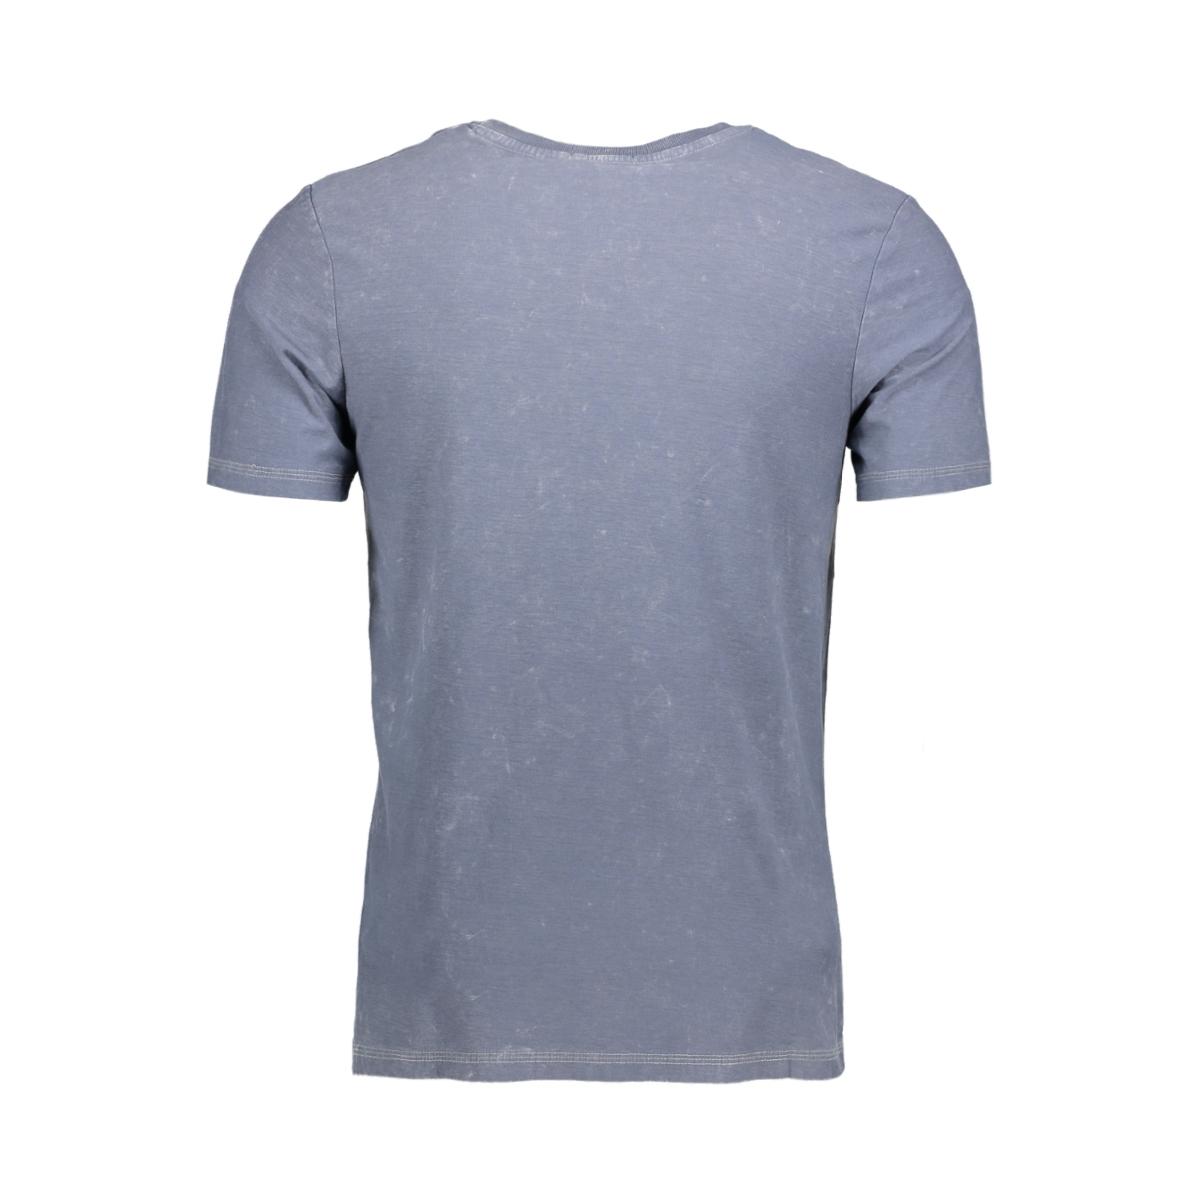 jjvfu clint ss tee 12129241 jack & jones t-shirt ombre blue